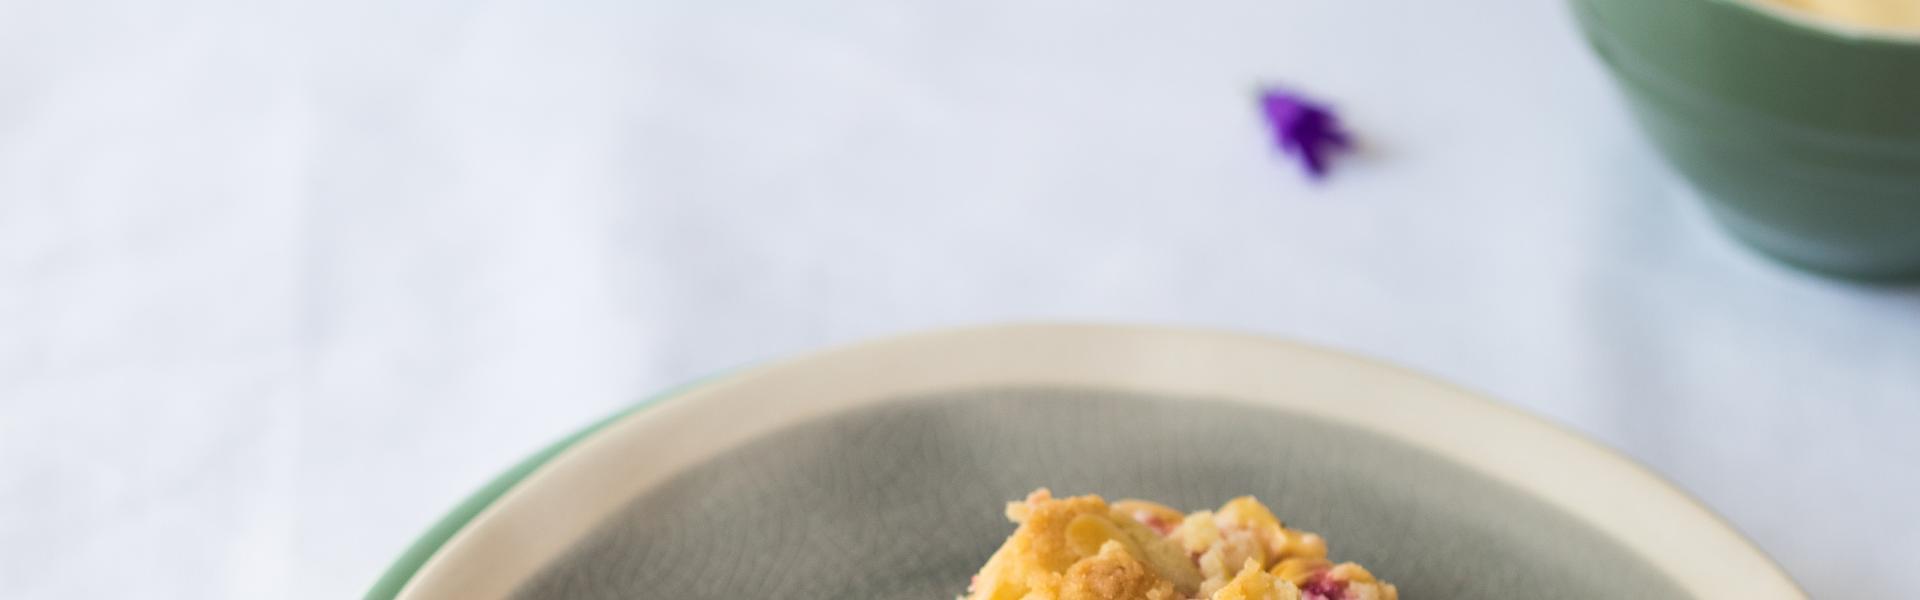 Ein Stück Pflaumenkuchen mit Pudding liegt auf einem Teller.